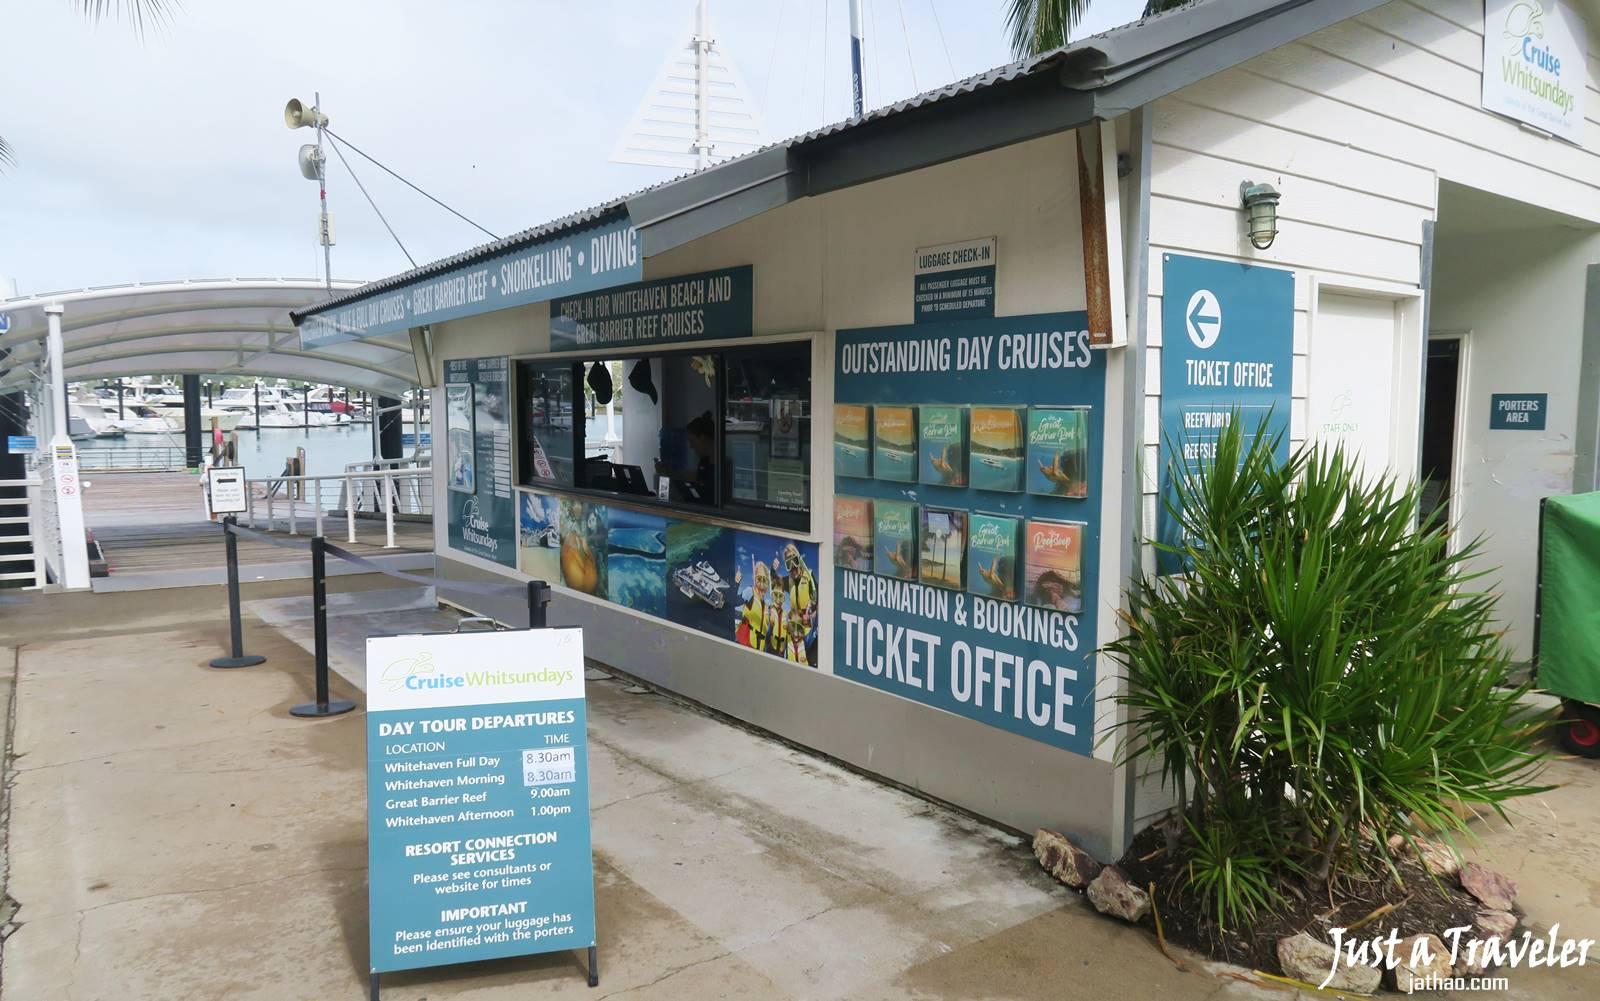 聖靈群島-漢密爾頓島-港口-景點-推薦-交通-遊記-自由行-行程-住宿-旅遊-度假-一日遊-澳洲-Hamilton-Island-Whitsundays